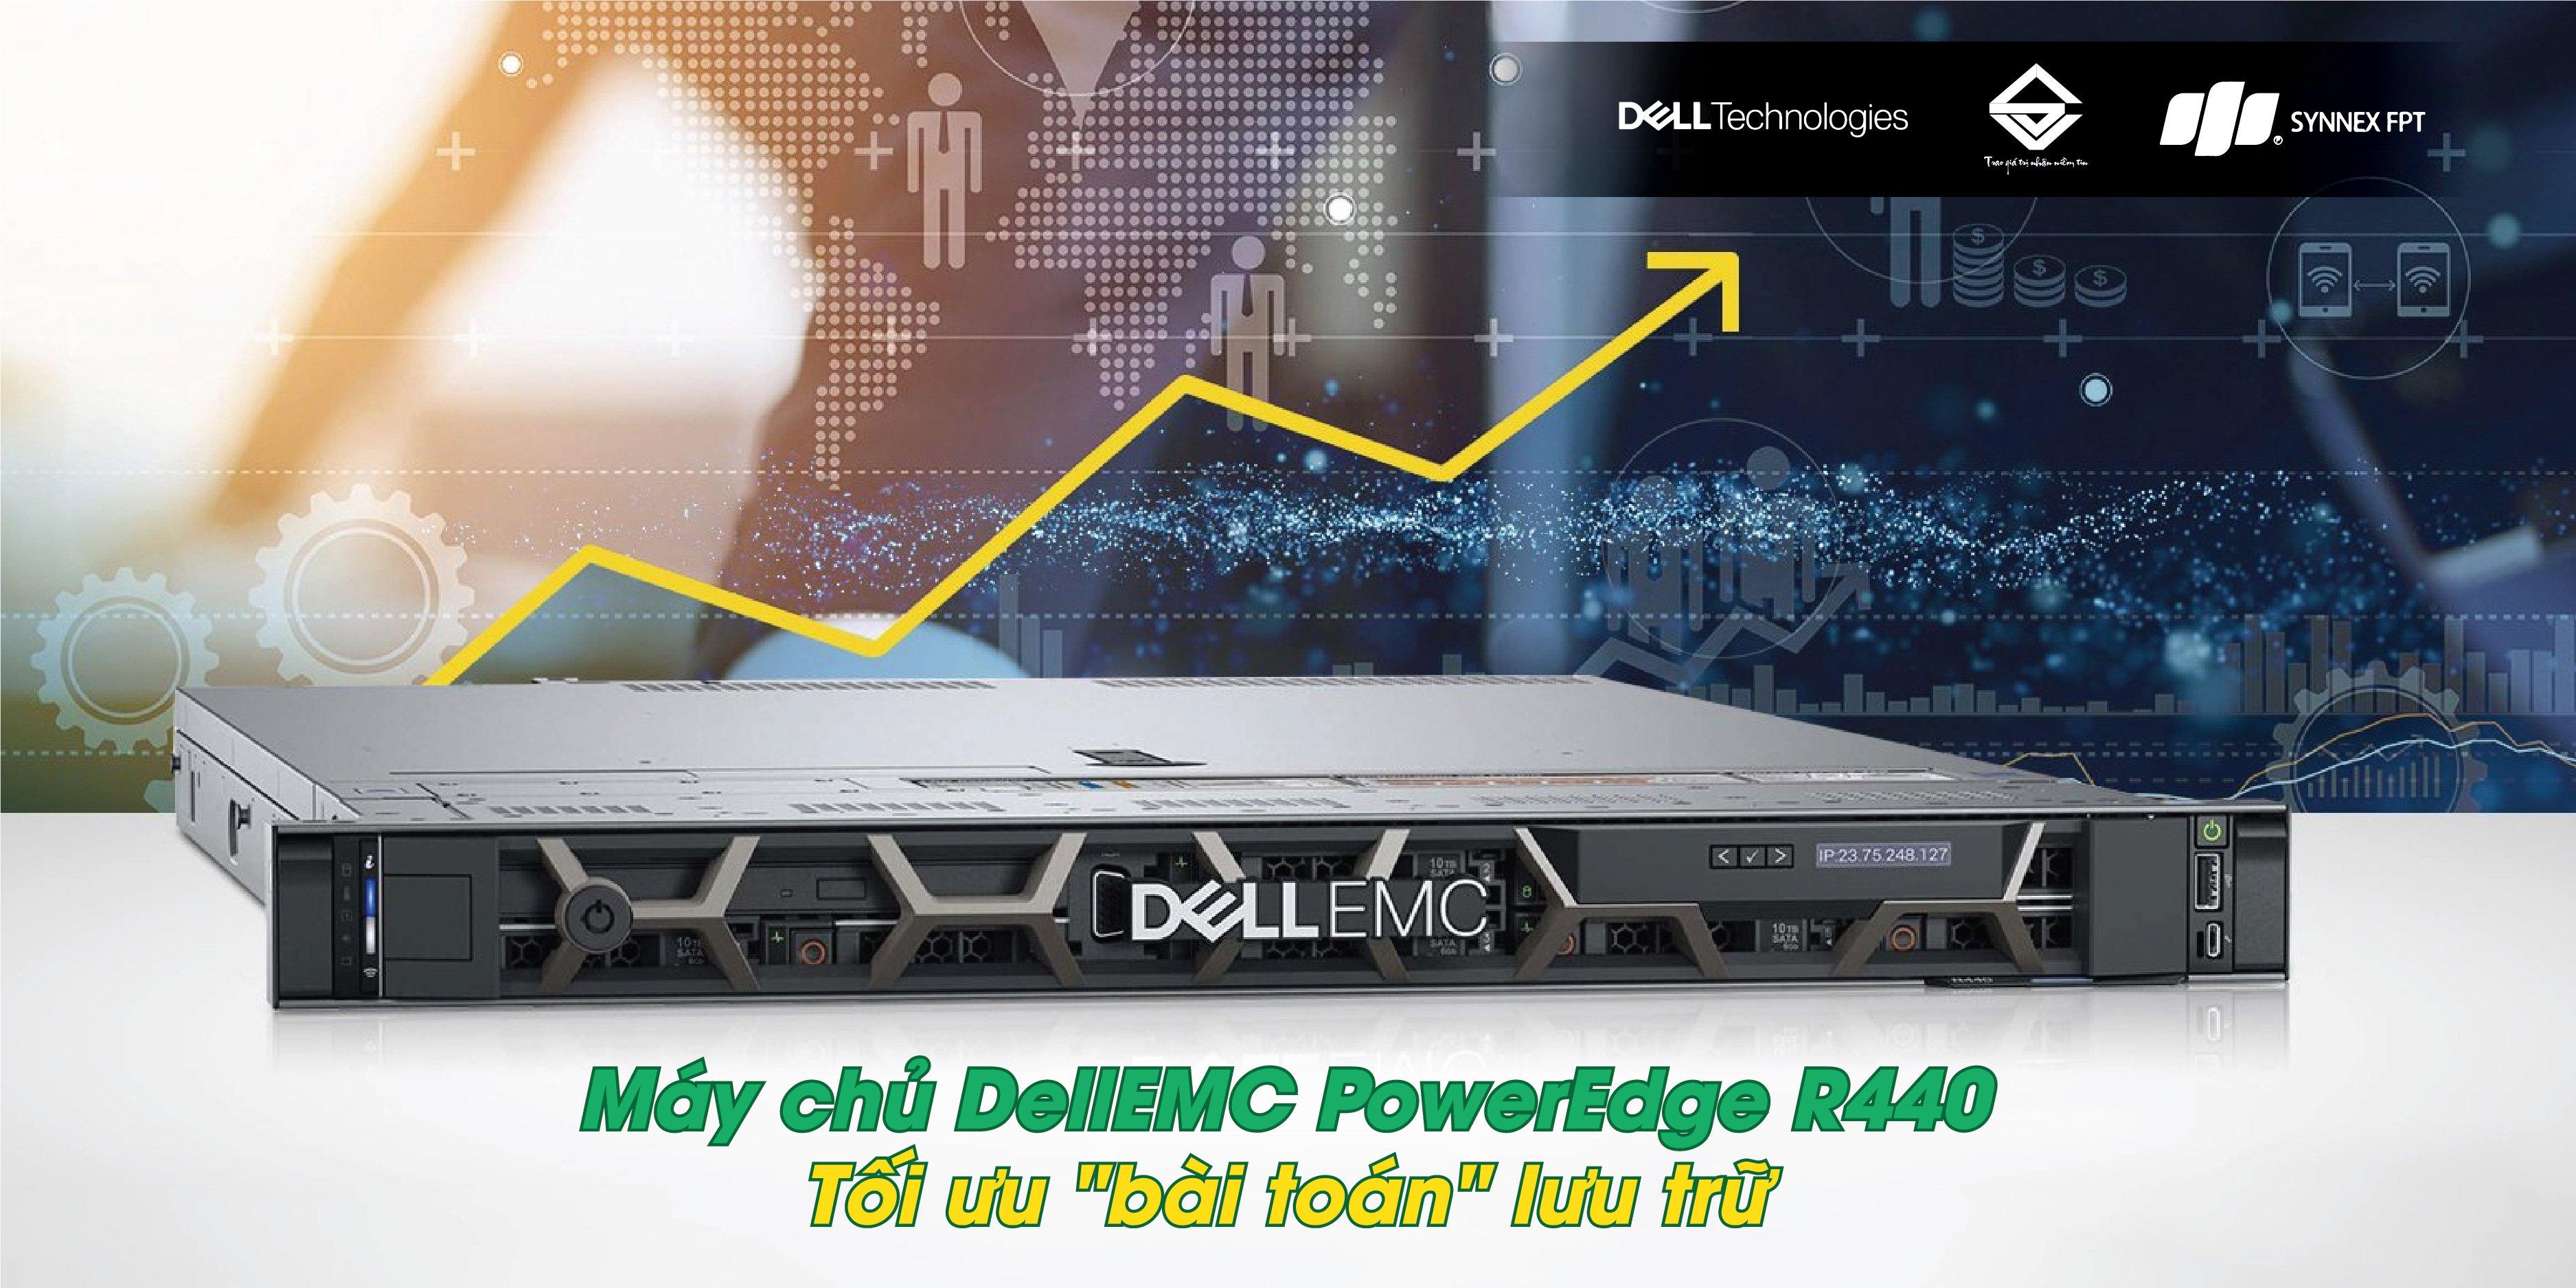 Máy chủ DellEMC PowerEdge R440 thế hệ 14 chuyên nghiệp, tối ưu